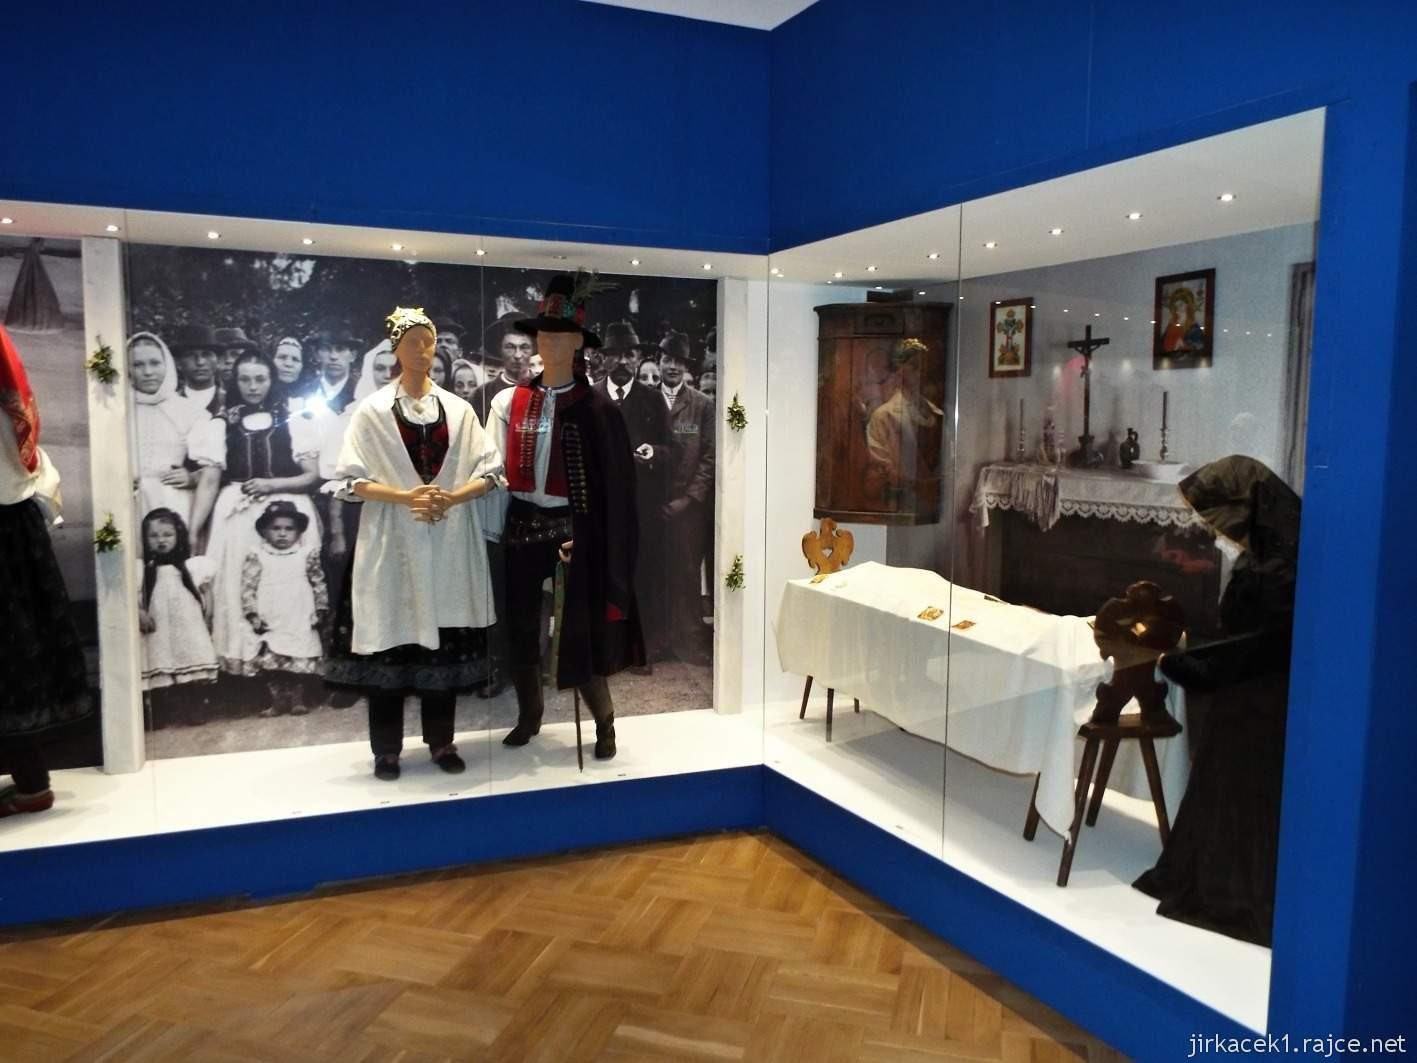 Vsetín - zámek 14 - muzeum - etnografická expozice Výroční a rodinné zvyky